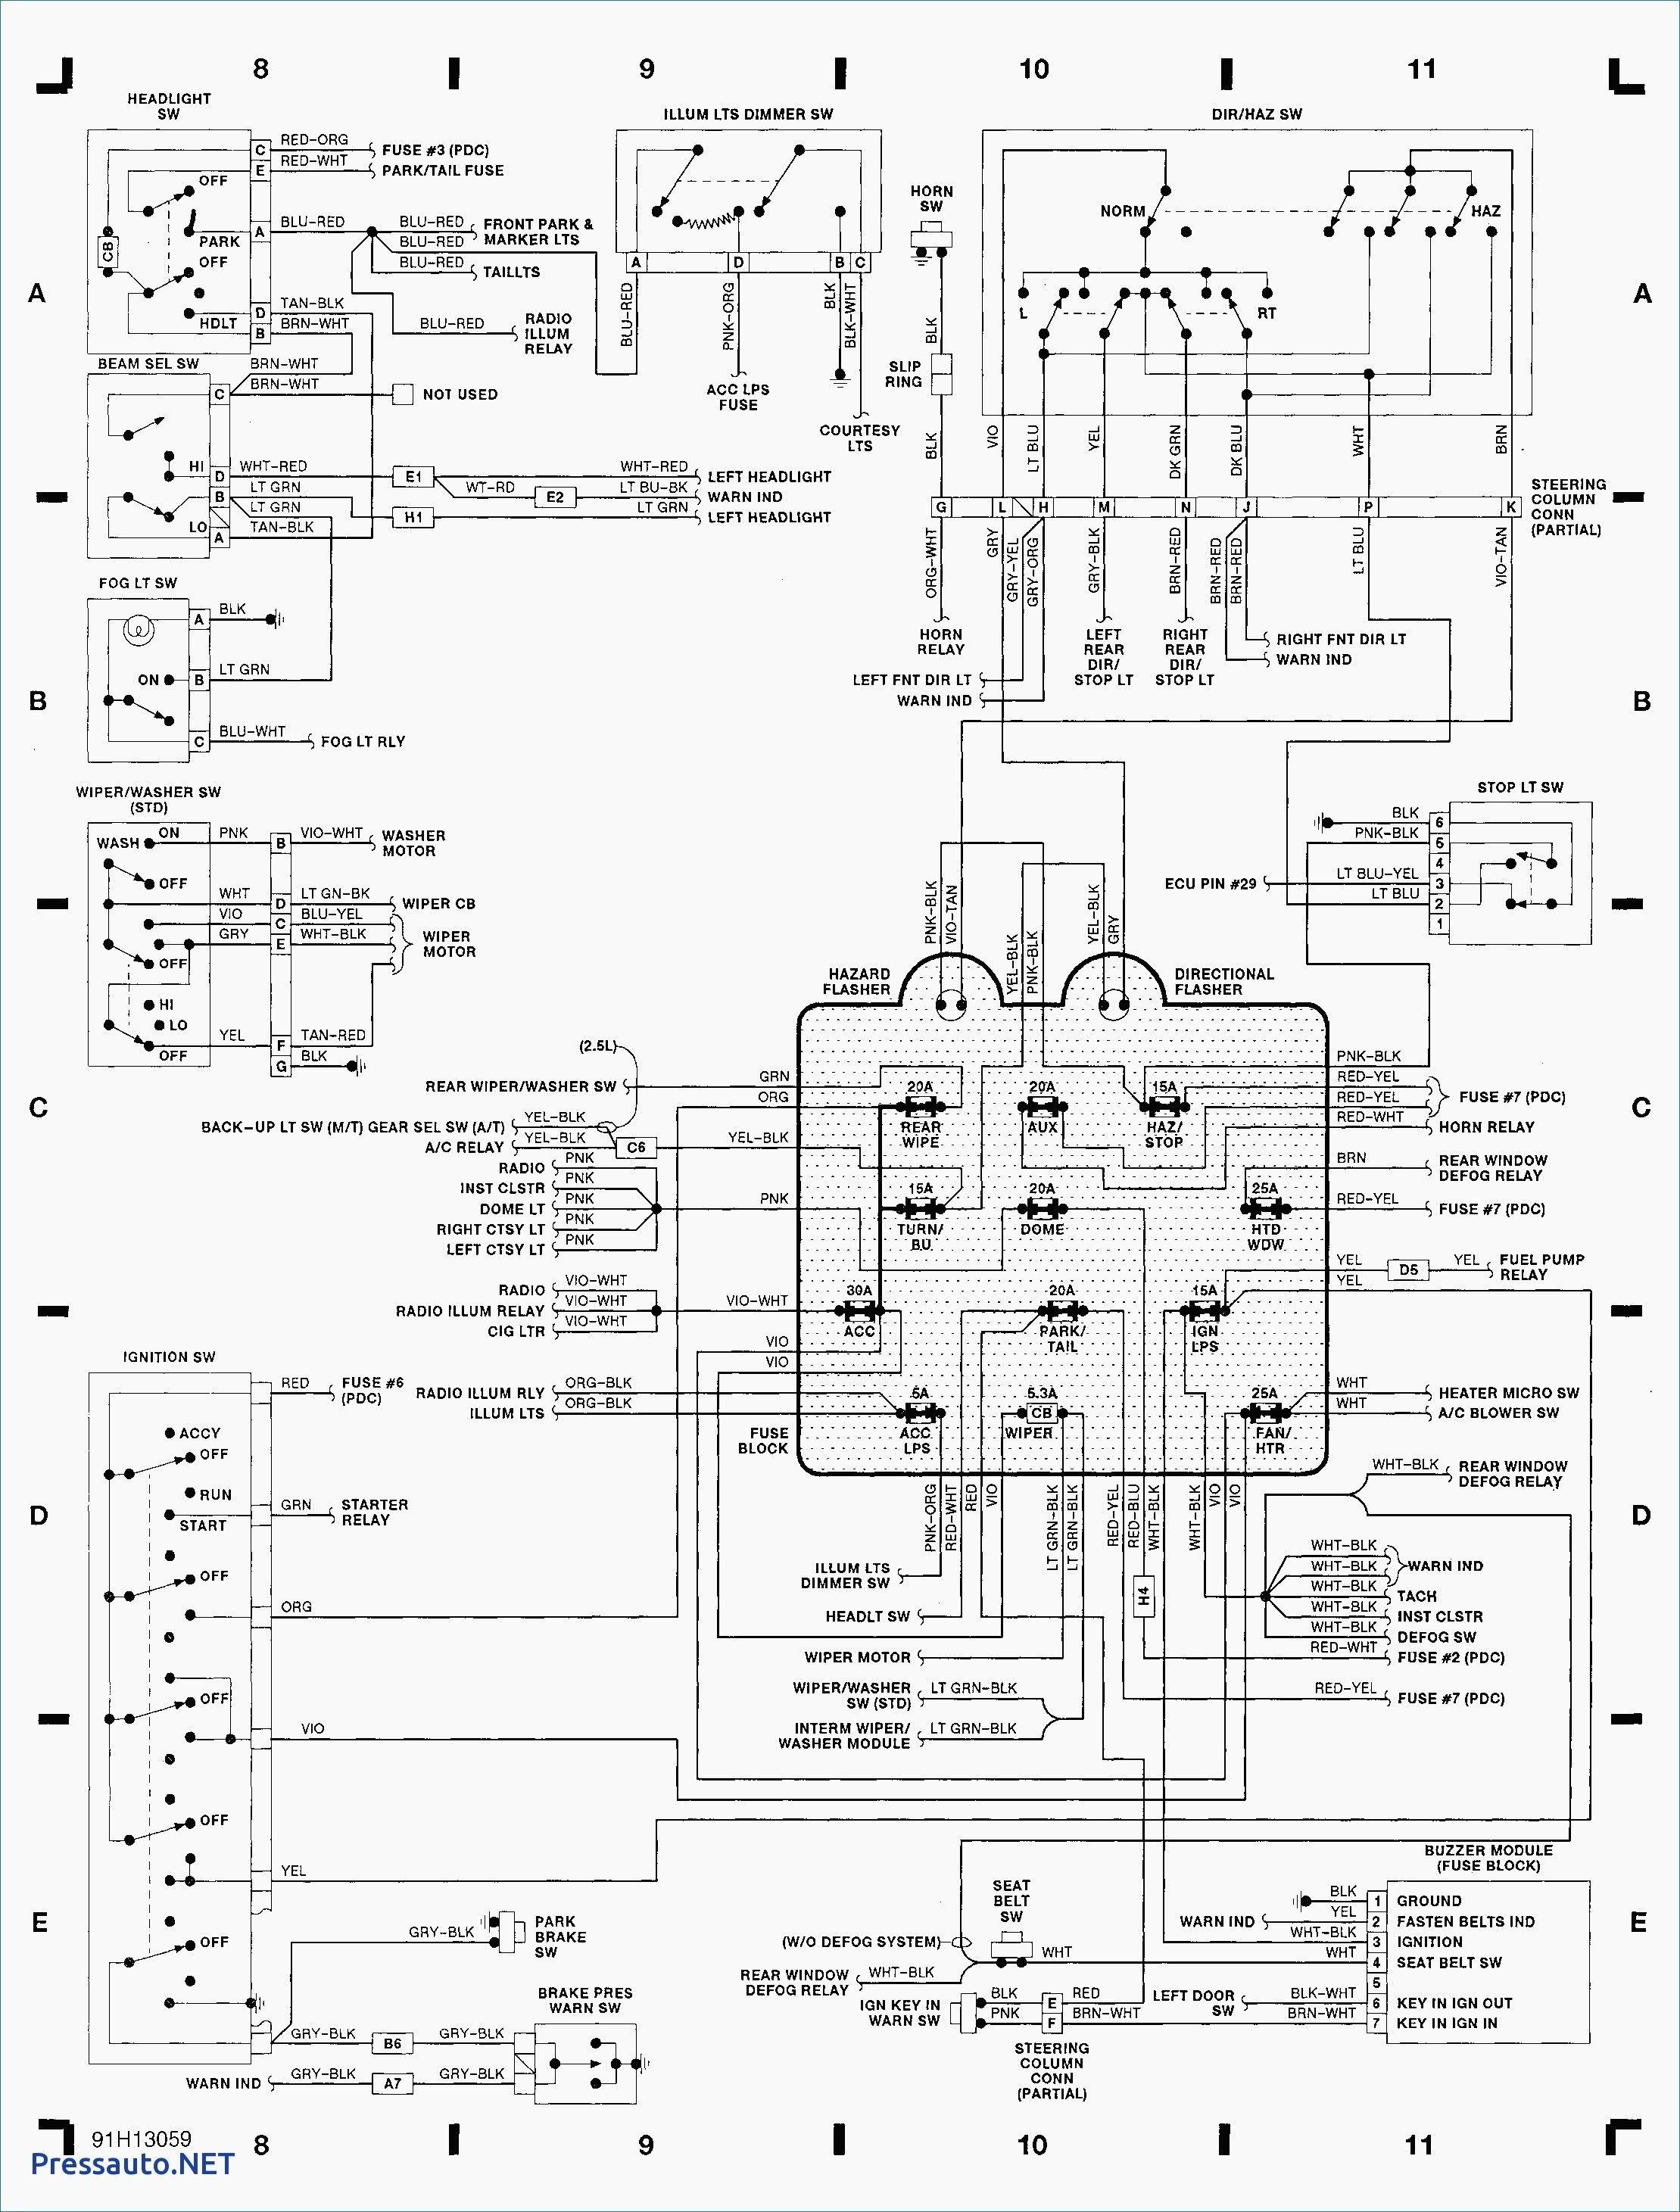 Toyota Prius C Wiring Diagram